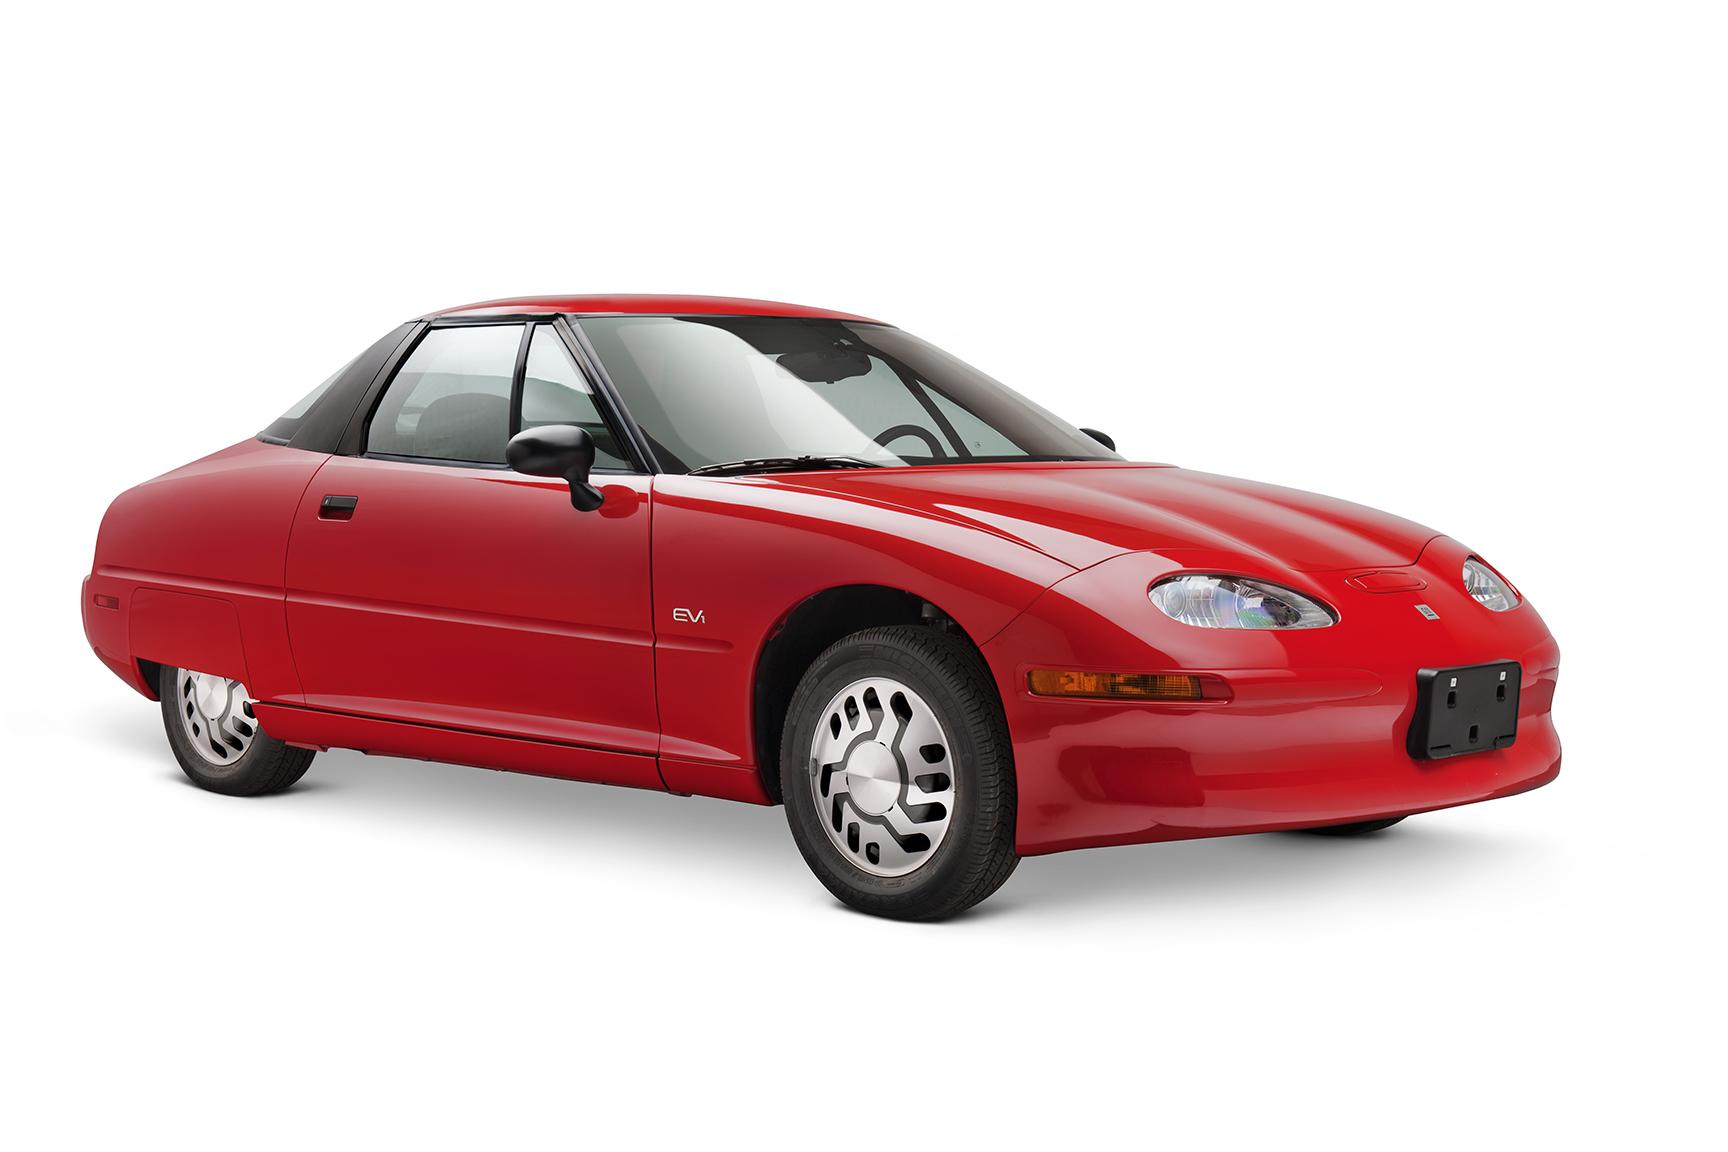 1997 GM EV1 front 3/4